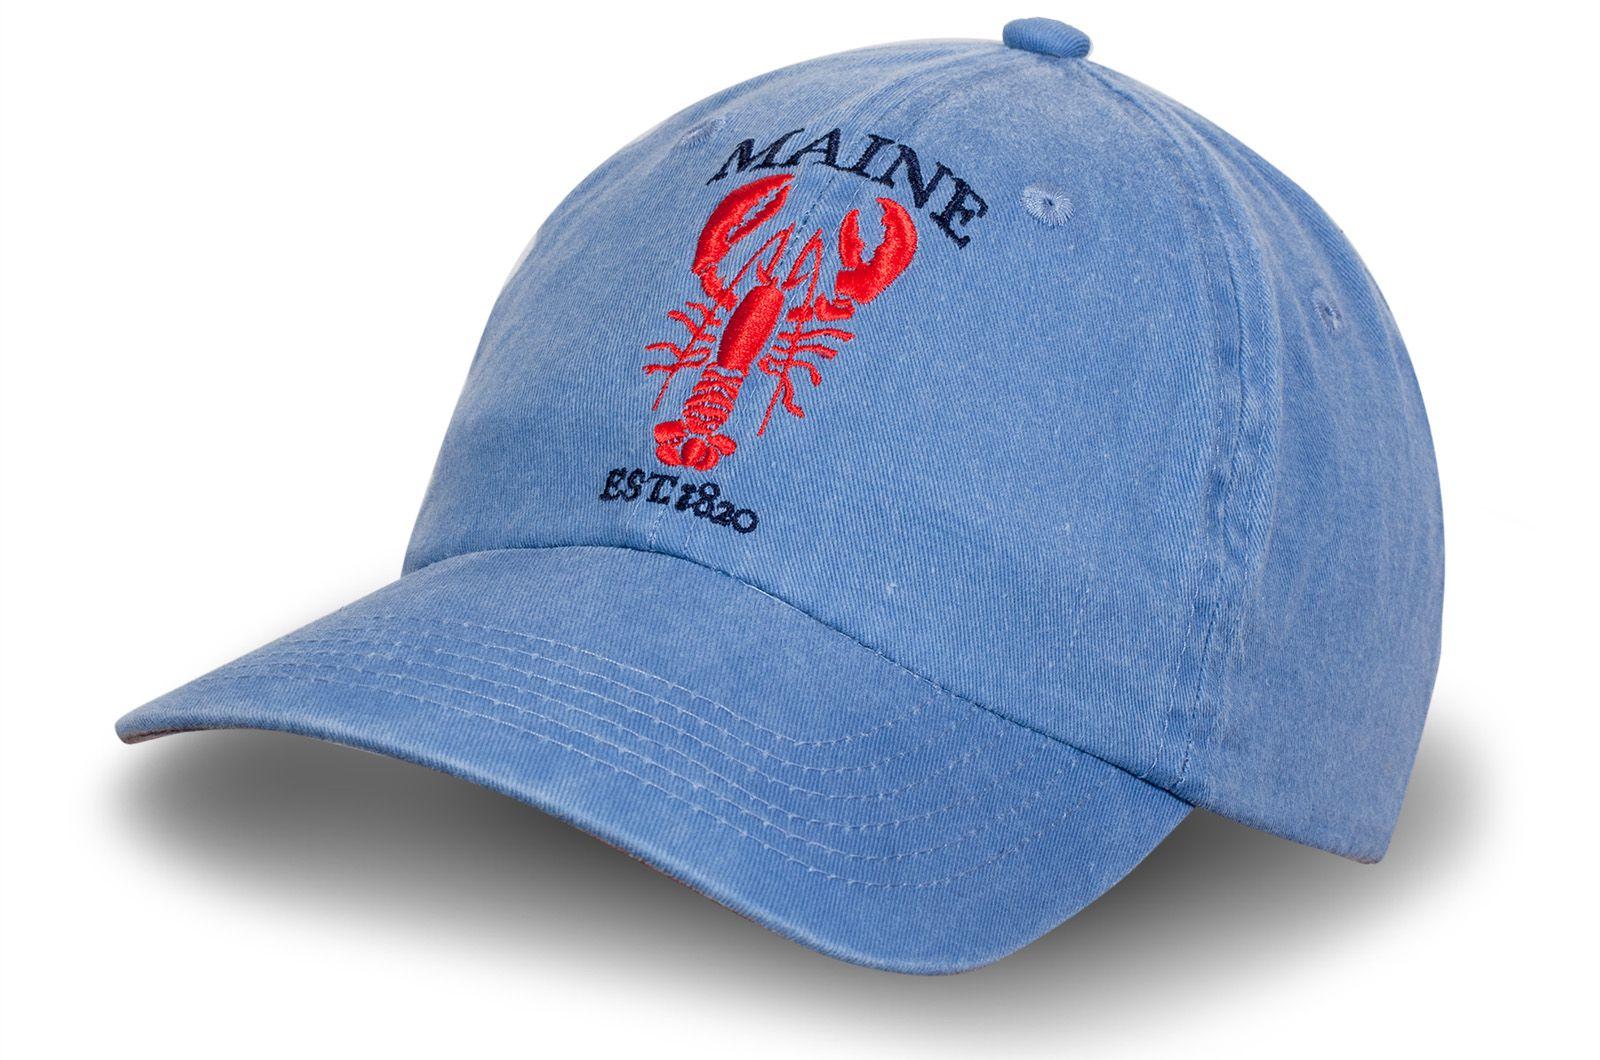 Голубая джинсовая кепка с вышивкой - купить в интернет-магазине с доставкой